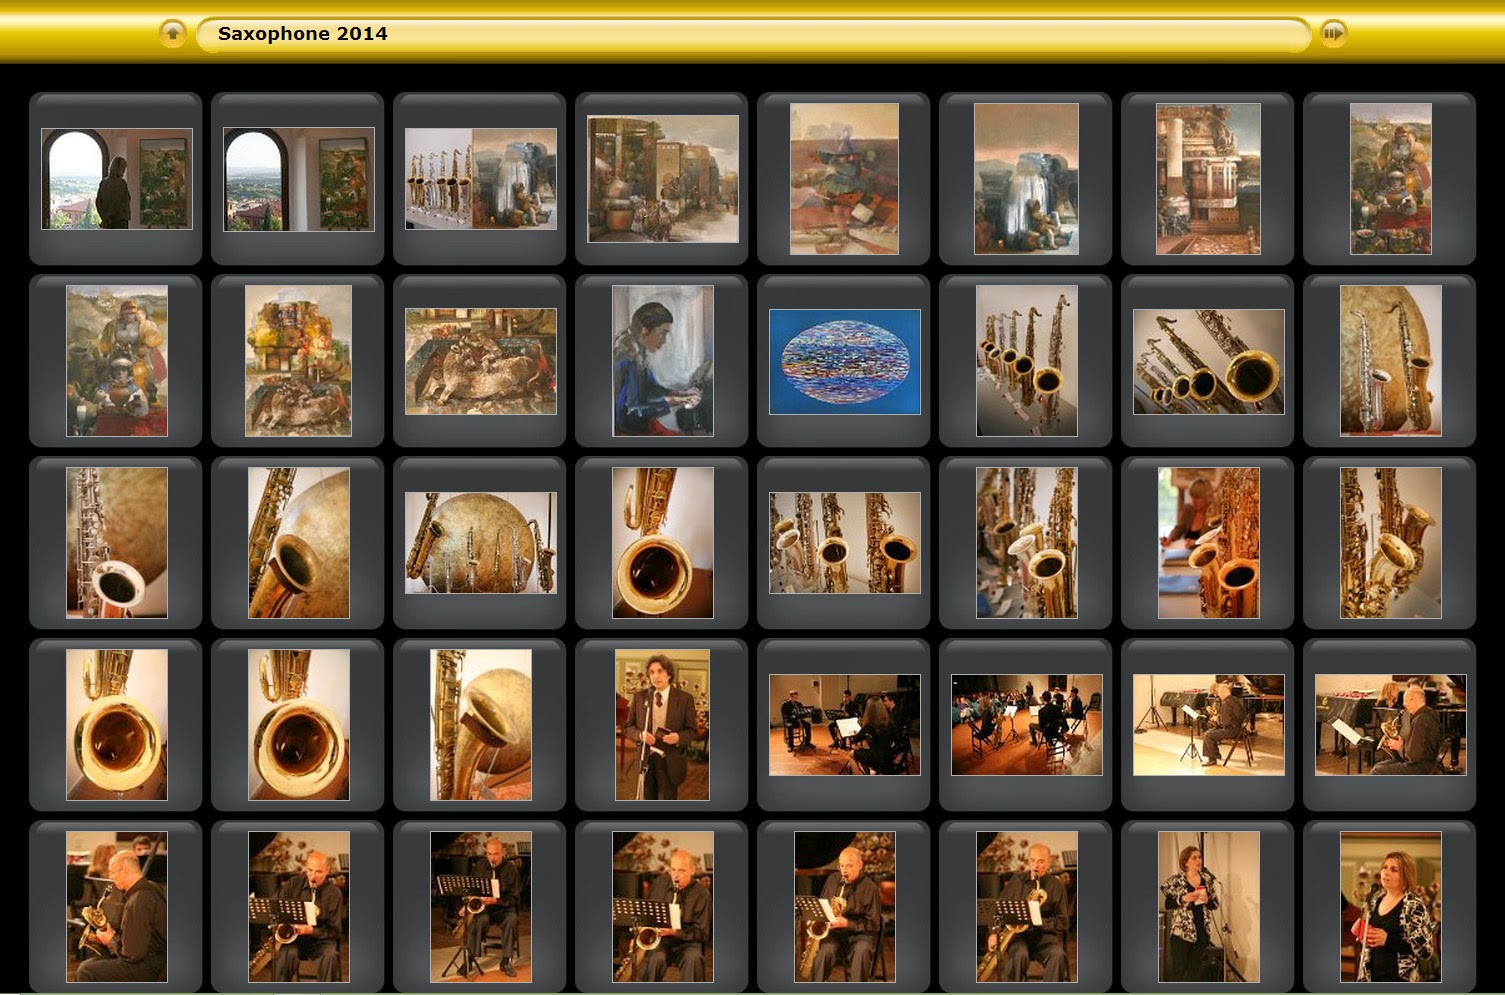 Saxophone Conservatorio Perugia